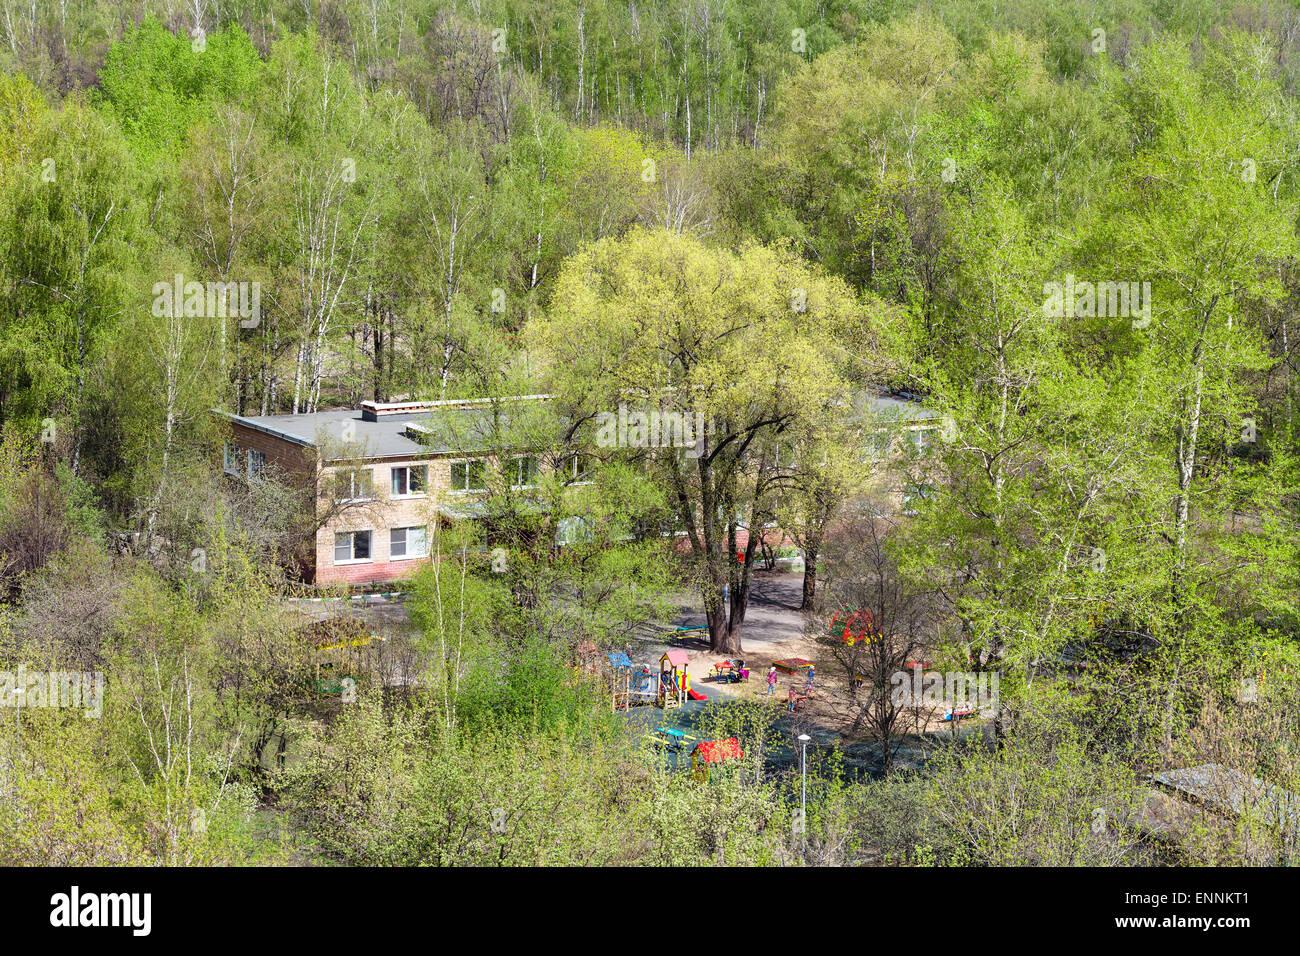 La maternelle en bois verts sous le soleil de printemps Banque D'Images